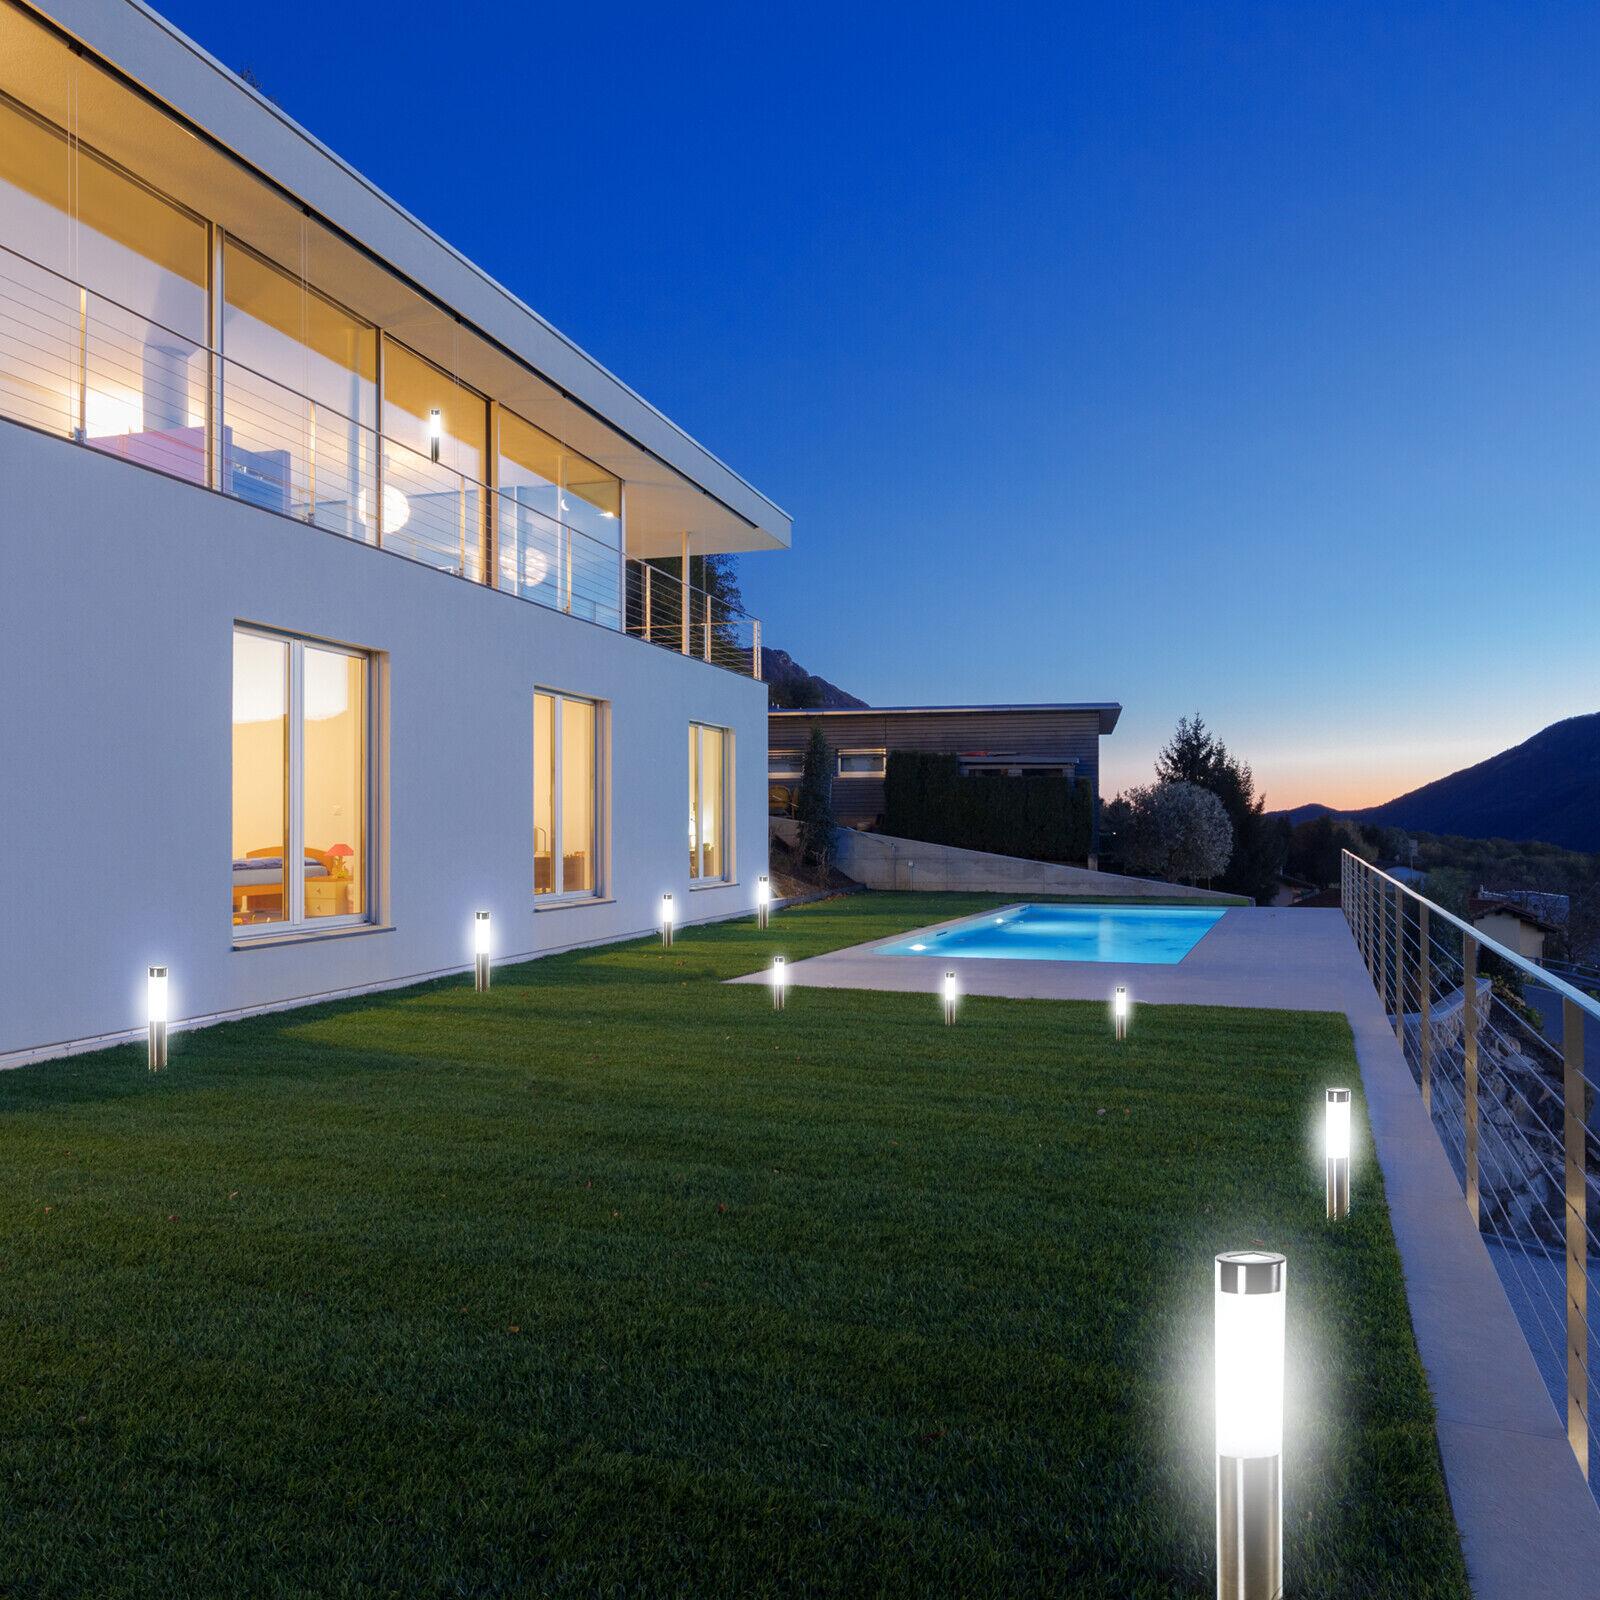 10  x Solarlampe Garten LED Design Gartenleuchte Gartenlampe Solarleuchte Sonne